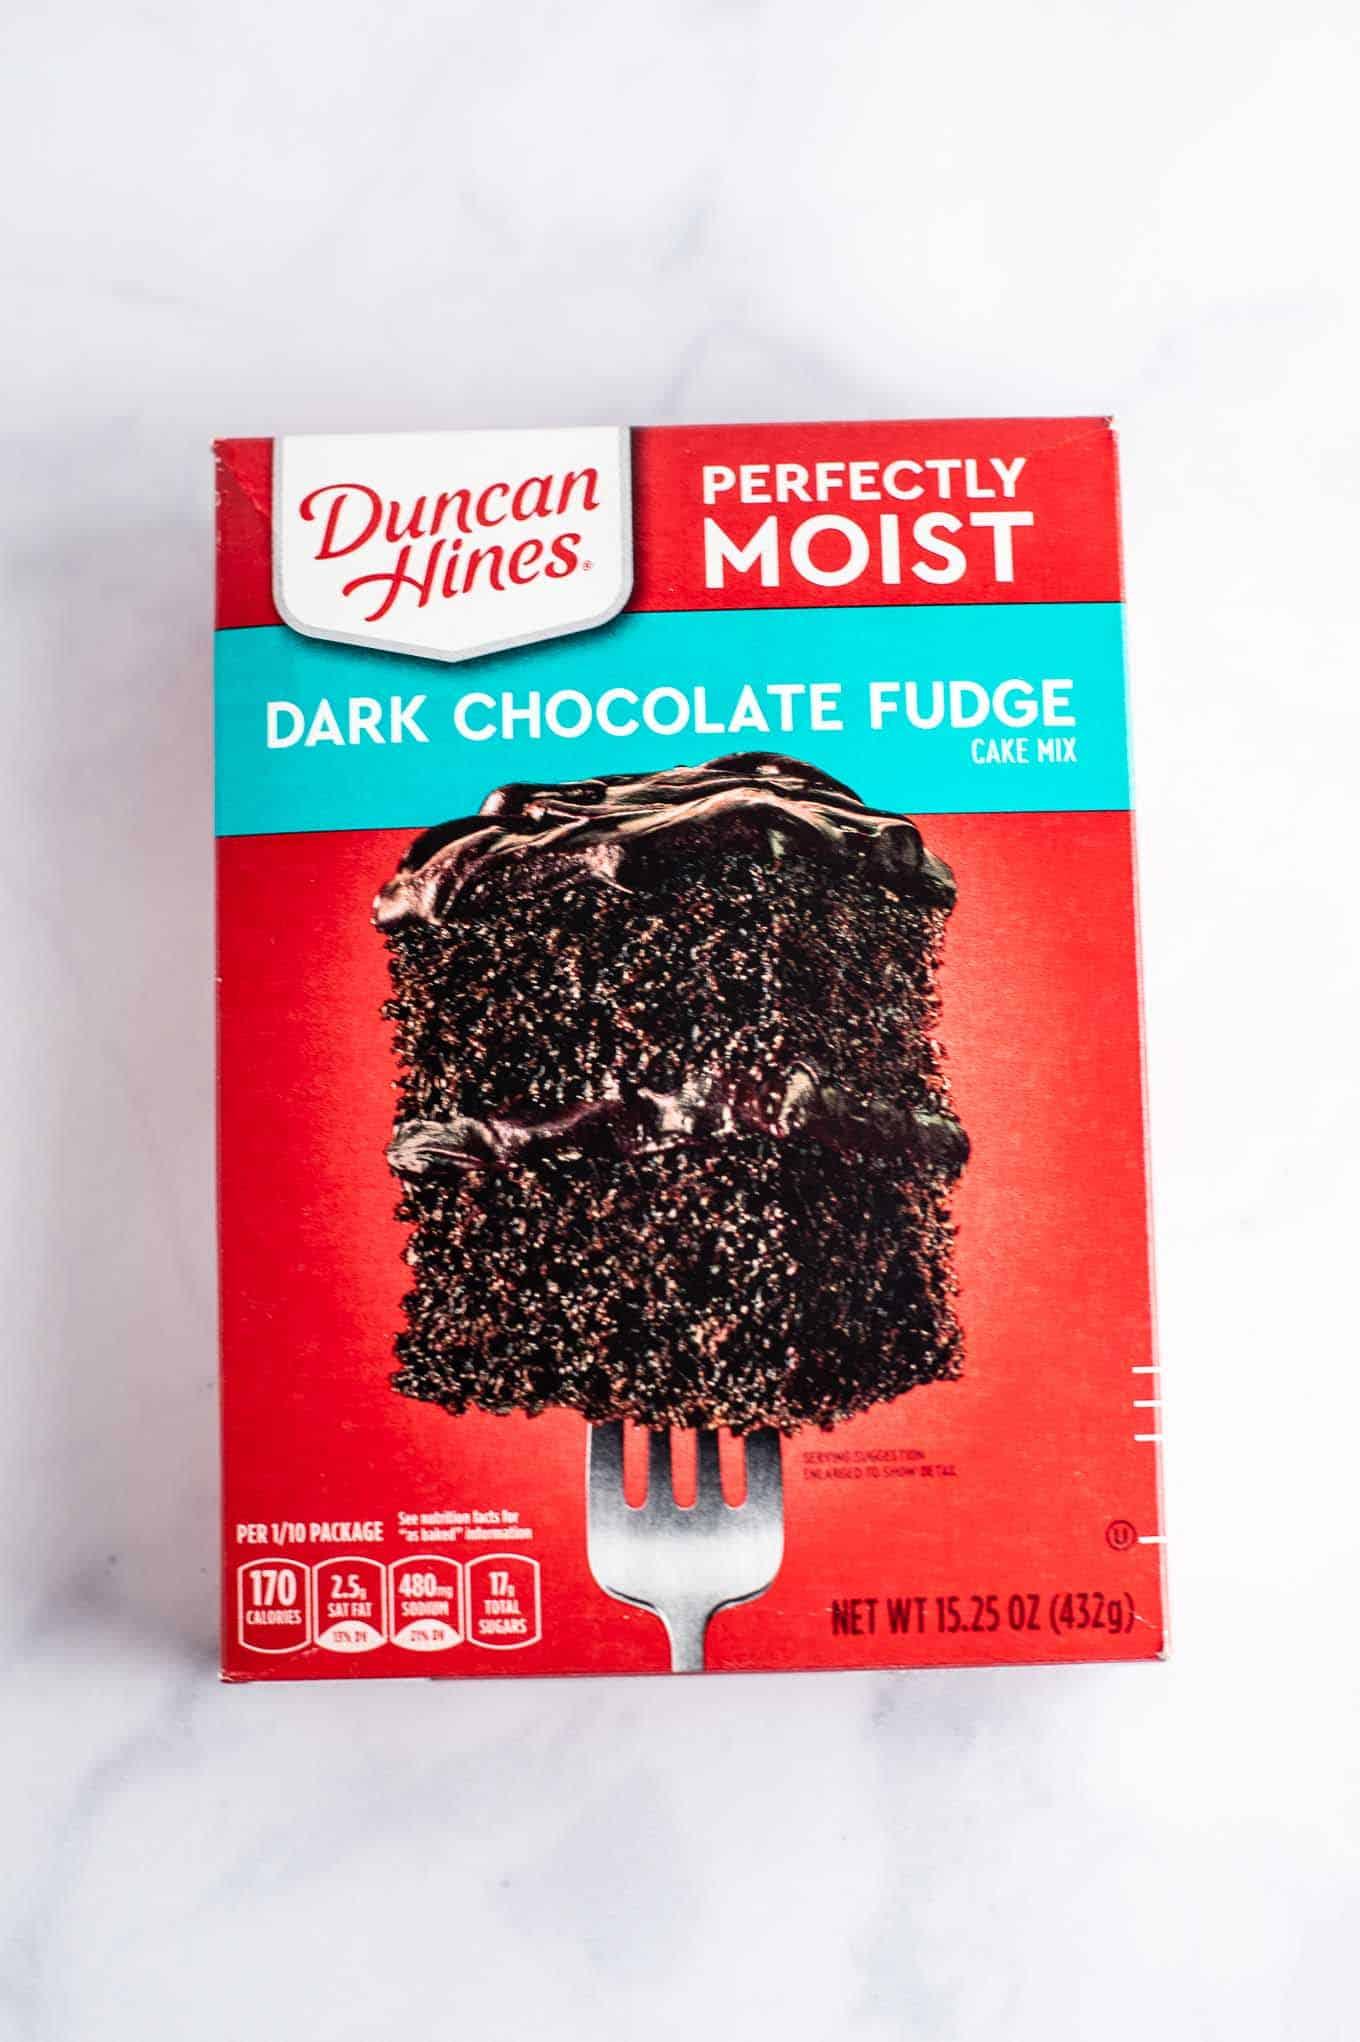 duncan hines dark chocolate fudge cake mix box